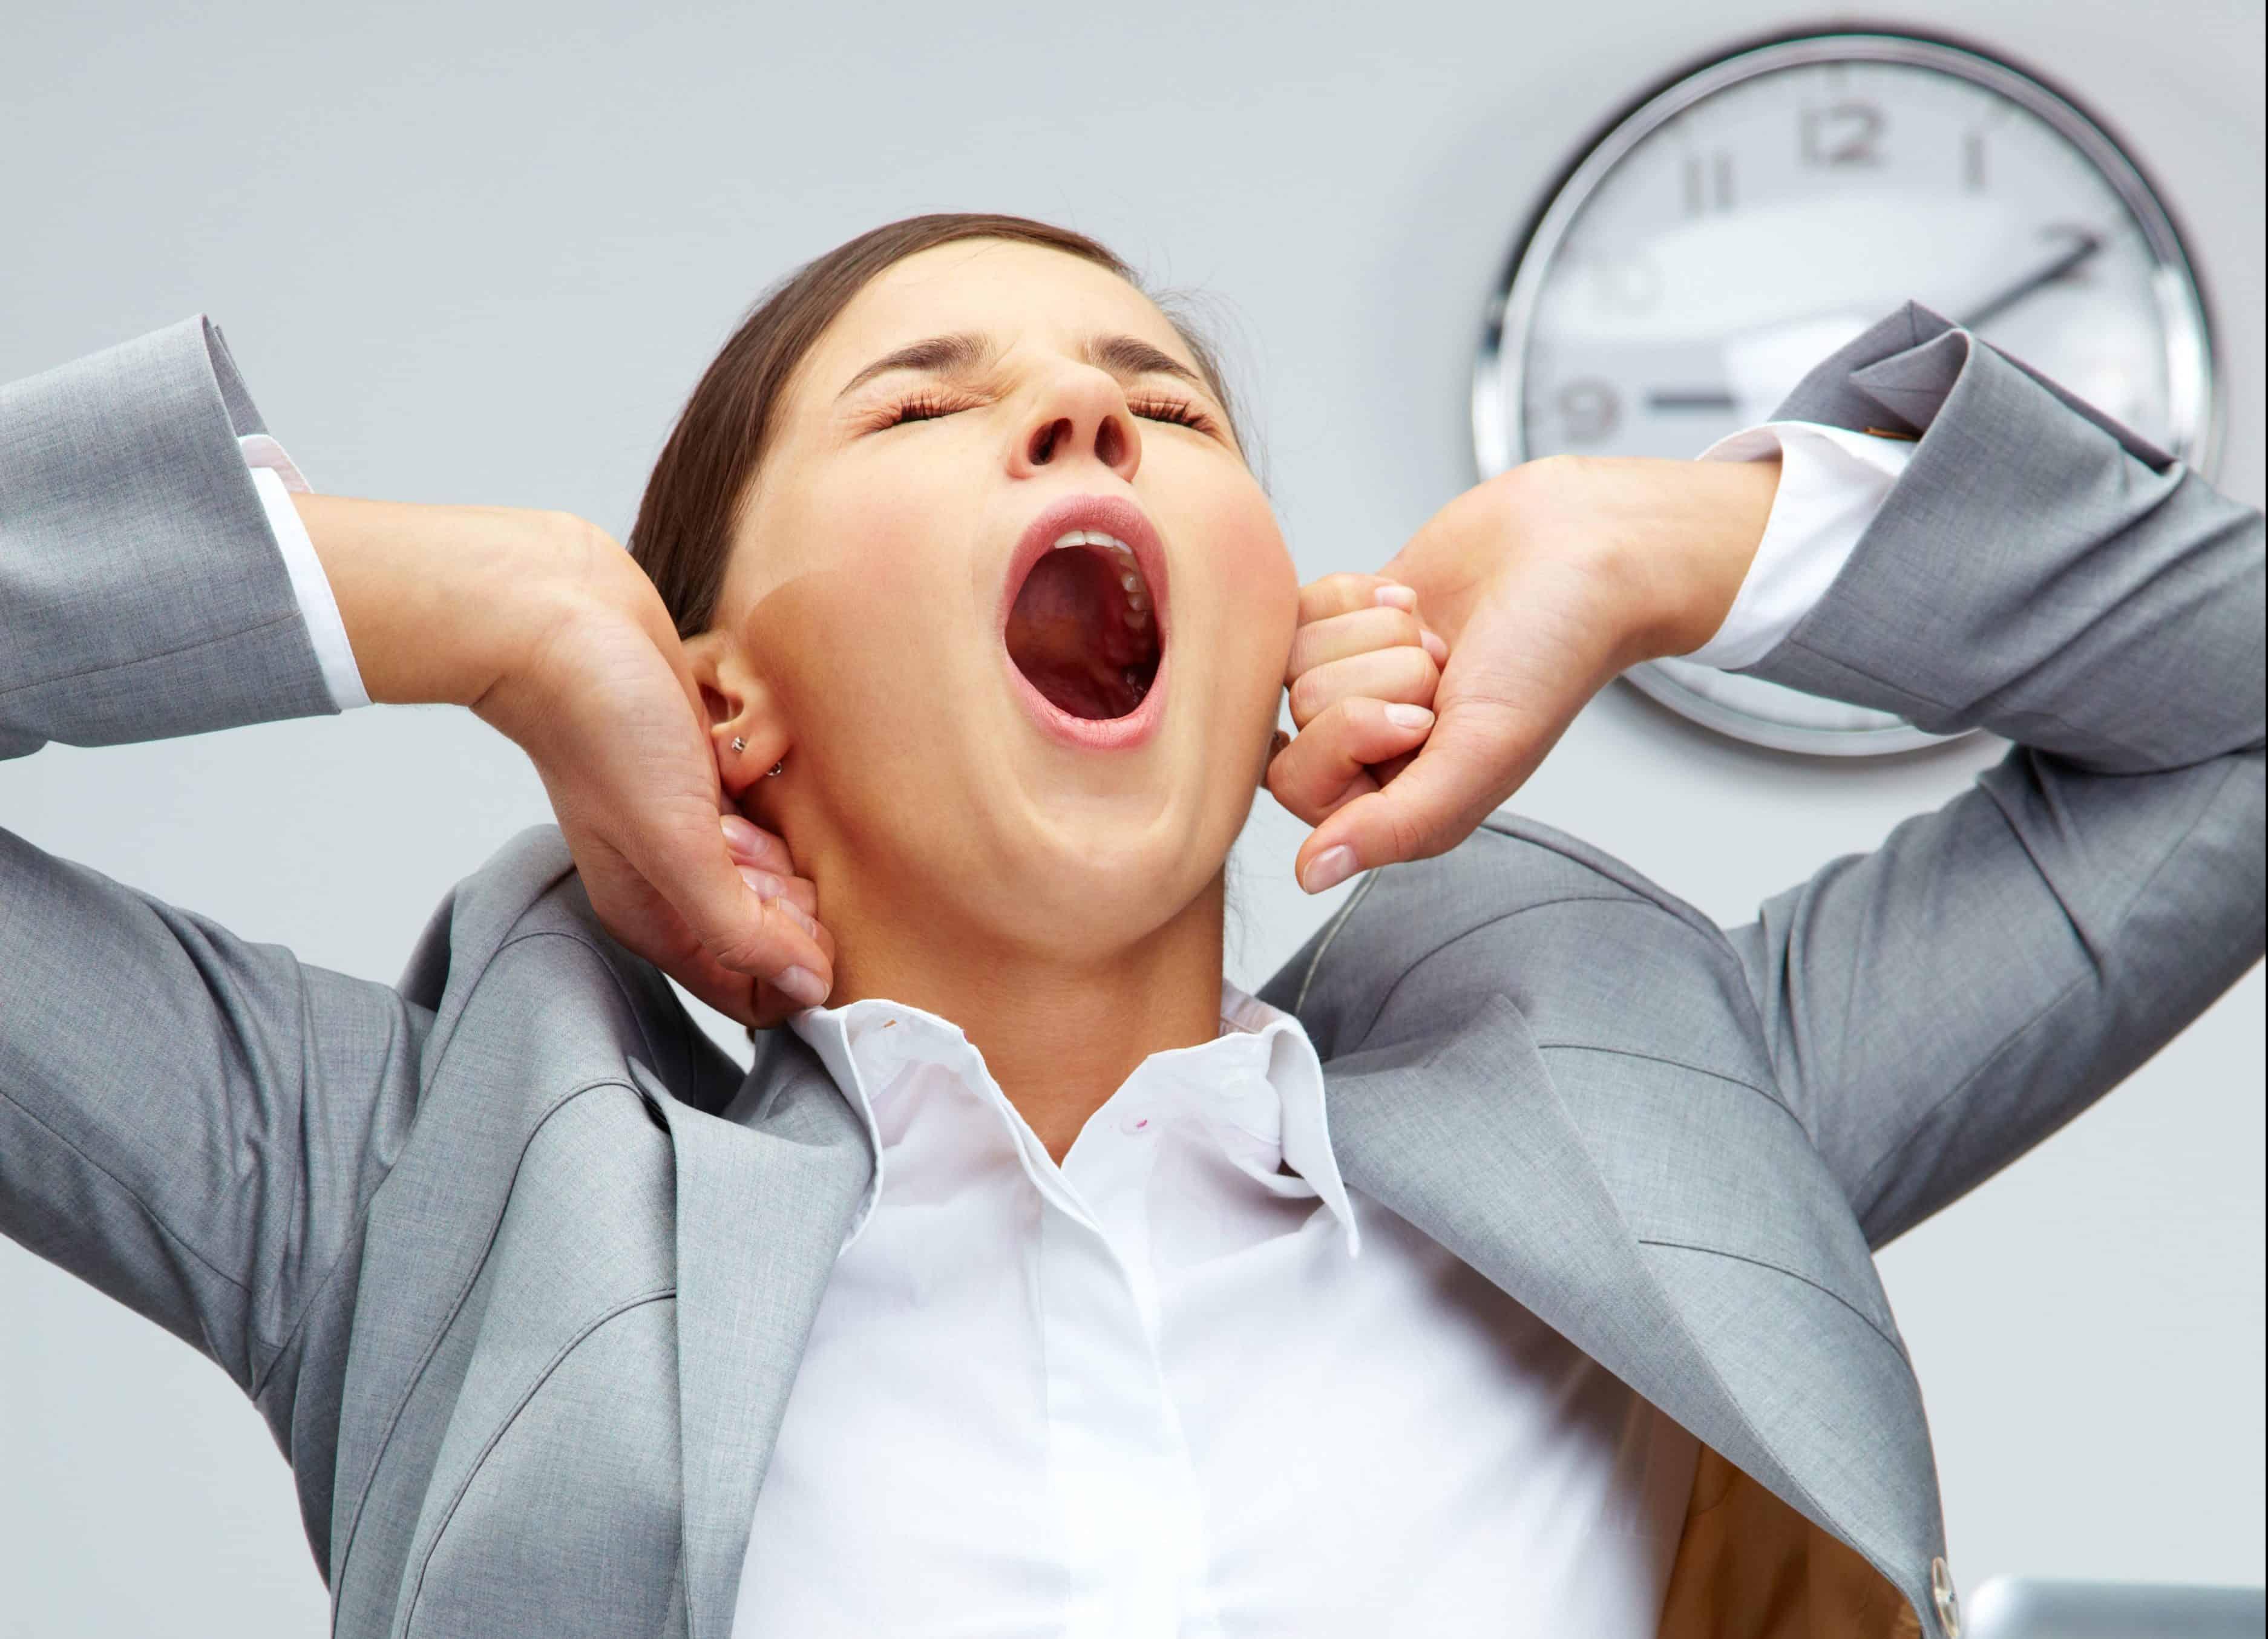 Картинки зевающих людей